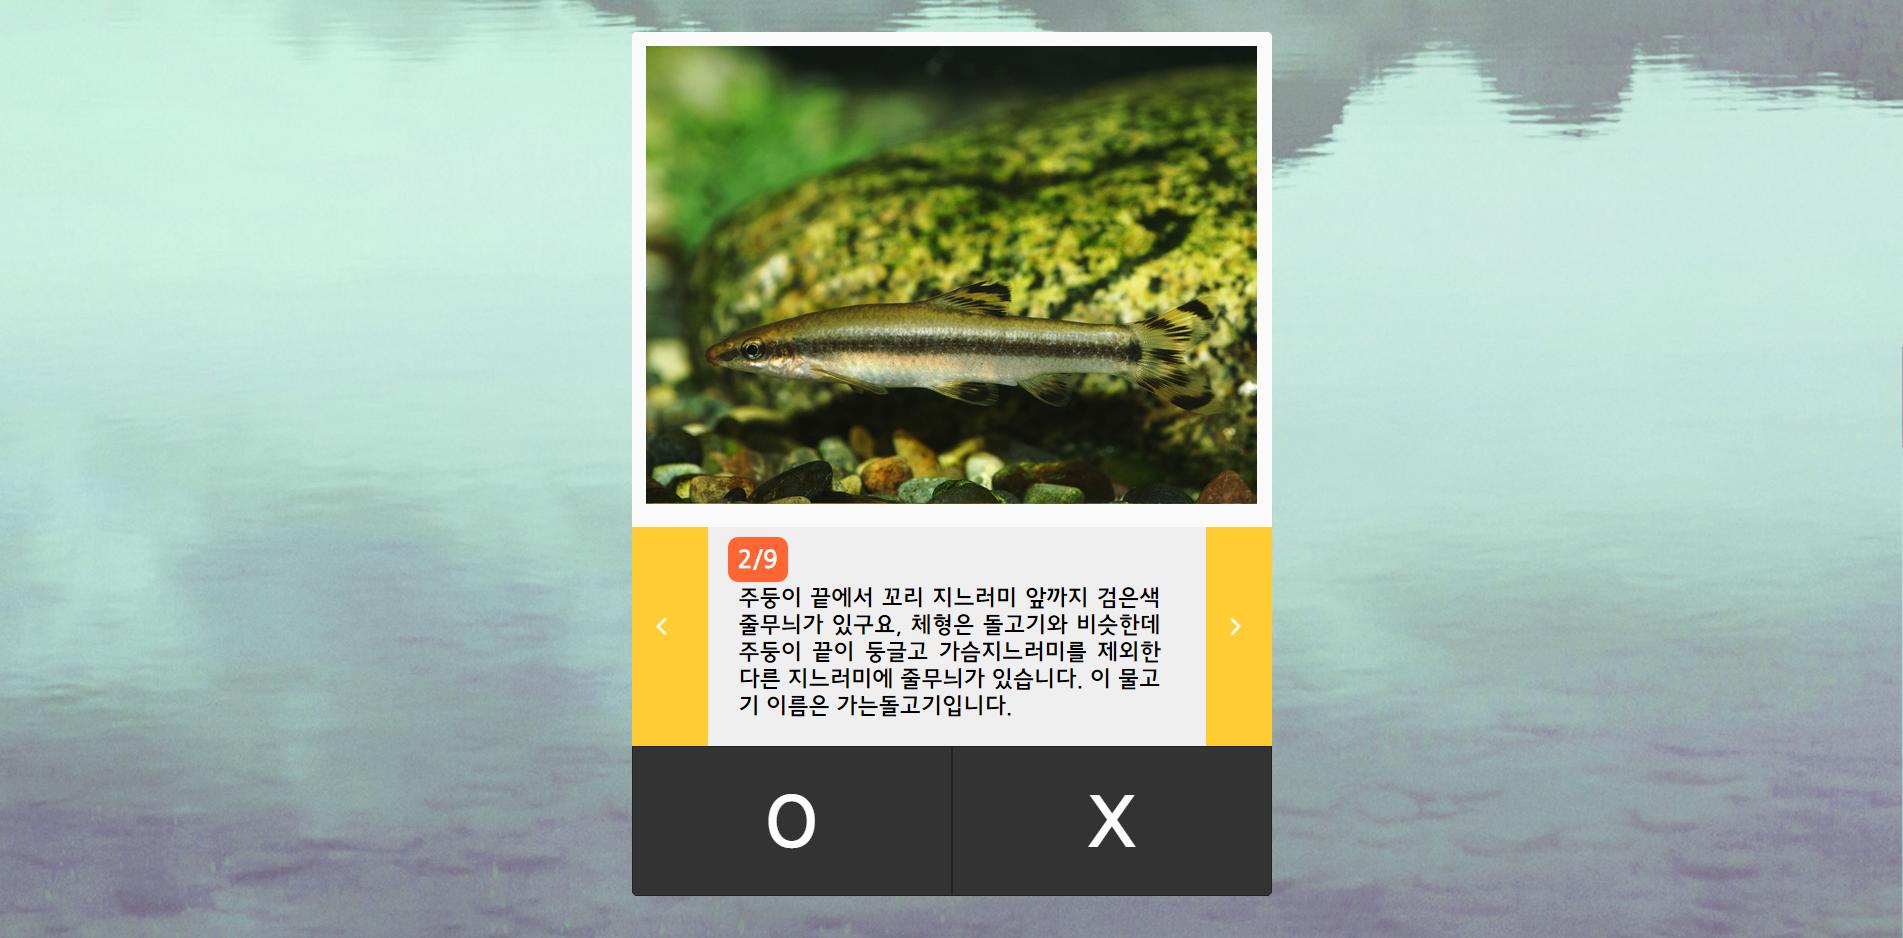 민물고기OX퀴즈_04